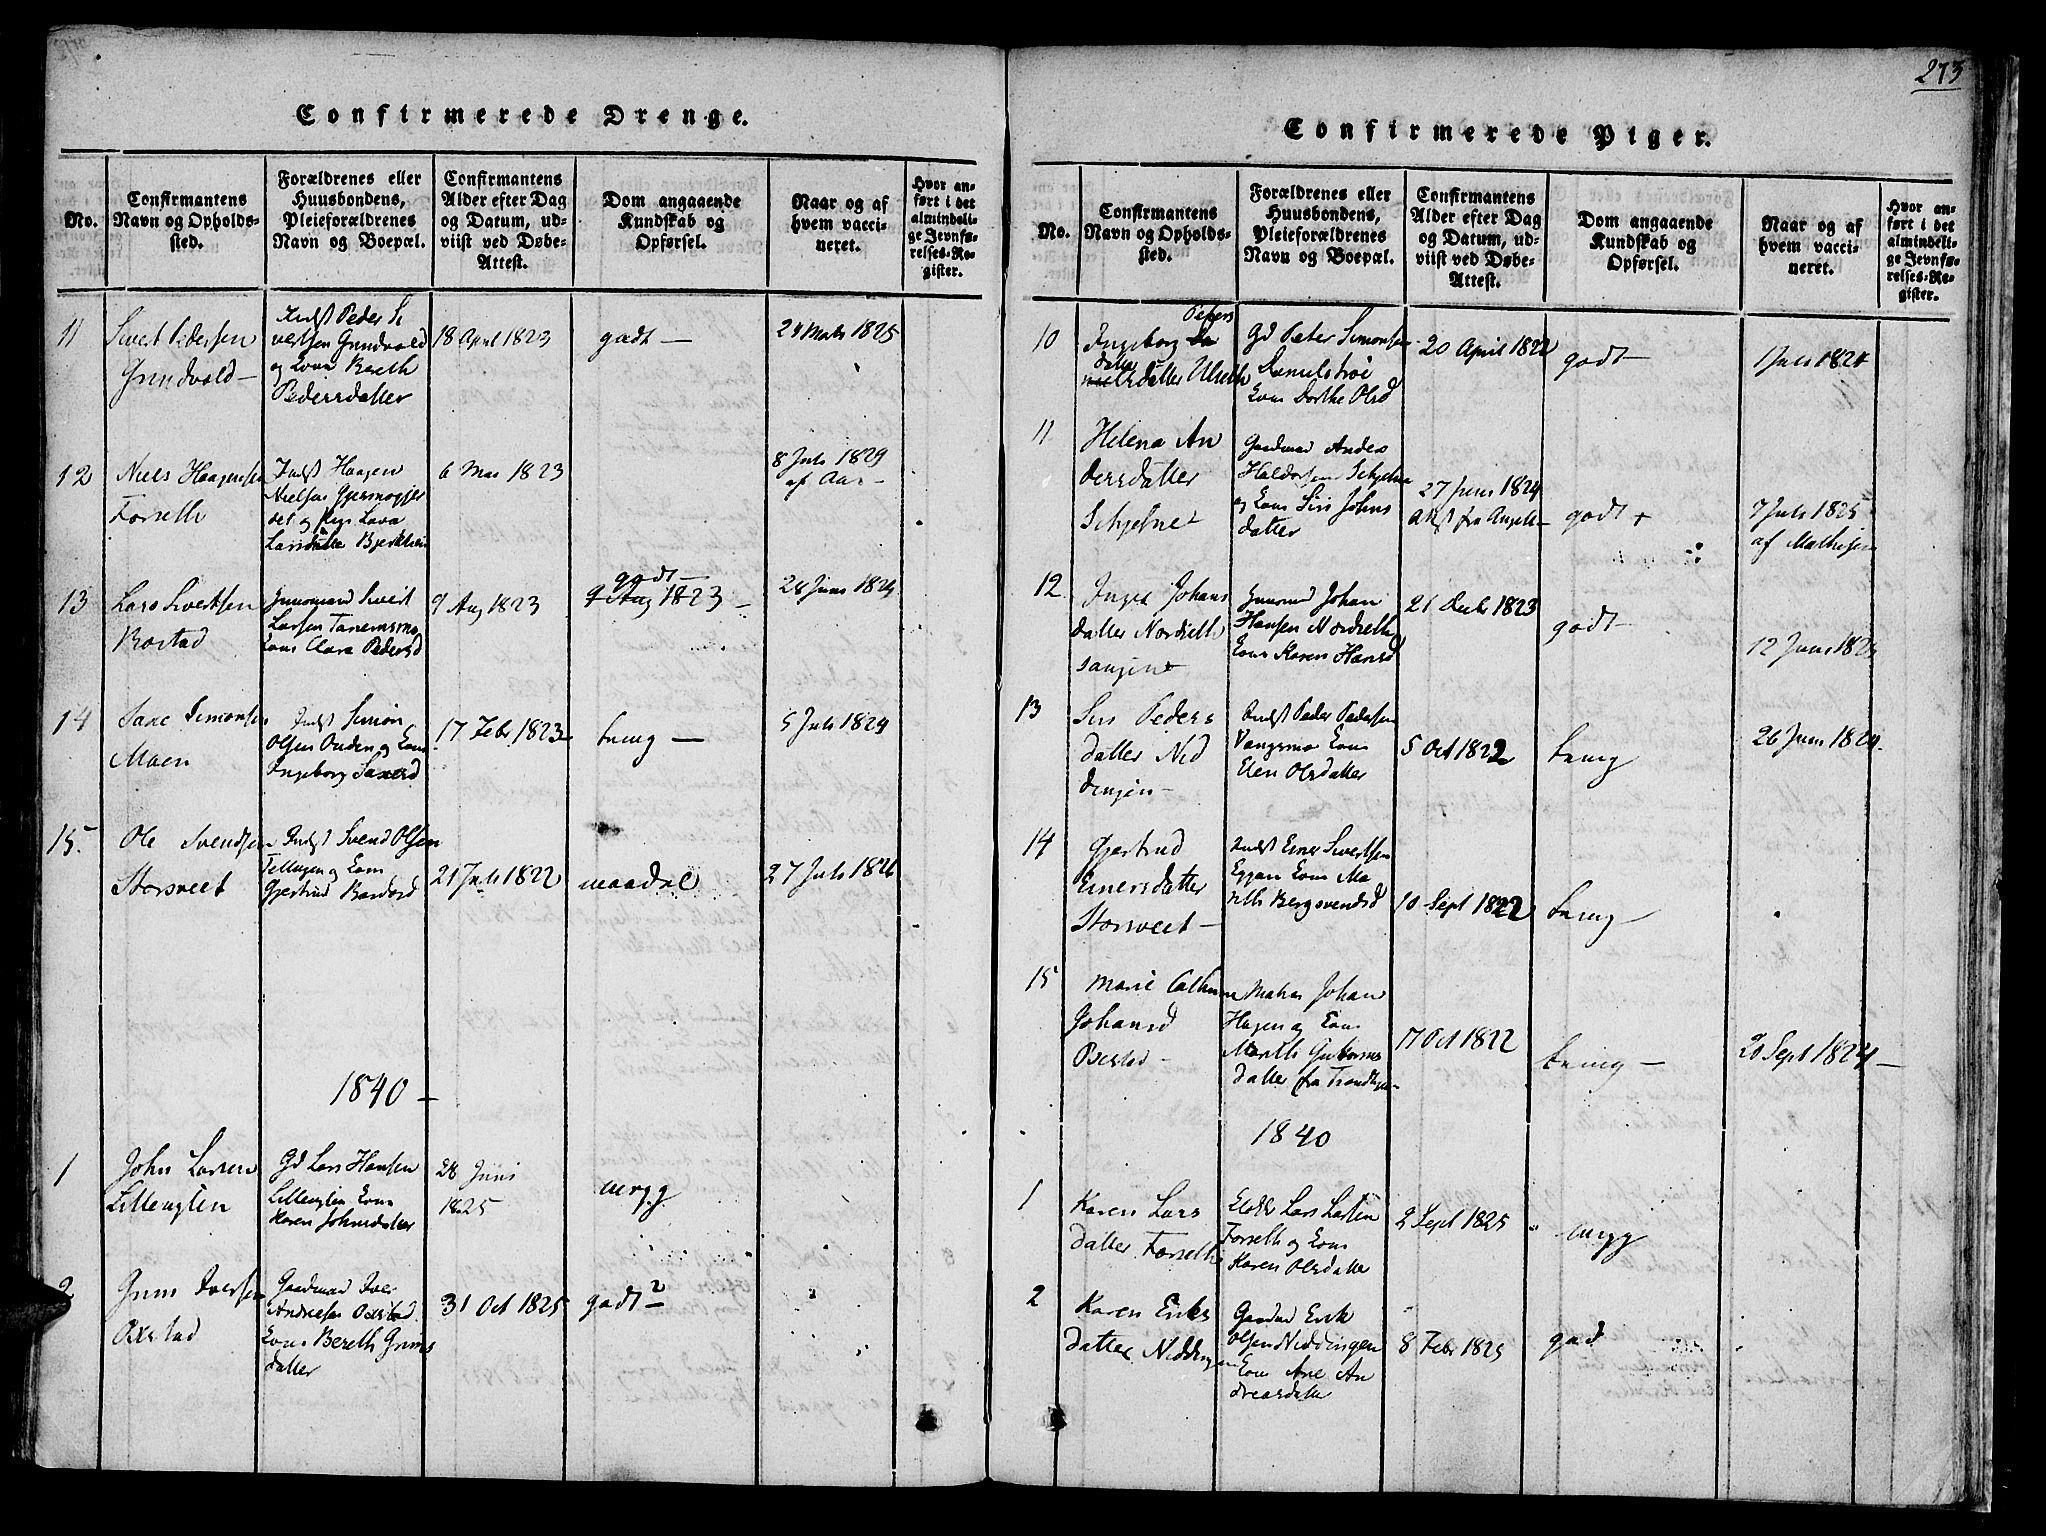 SAT, Ministerialprotokoller, klokkerbøker og fødselsregistre - Sør-Trøndelag, 618/L0439: Ministerialbok nr. 618A04 /1, 1816-1843, s. 273